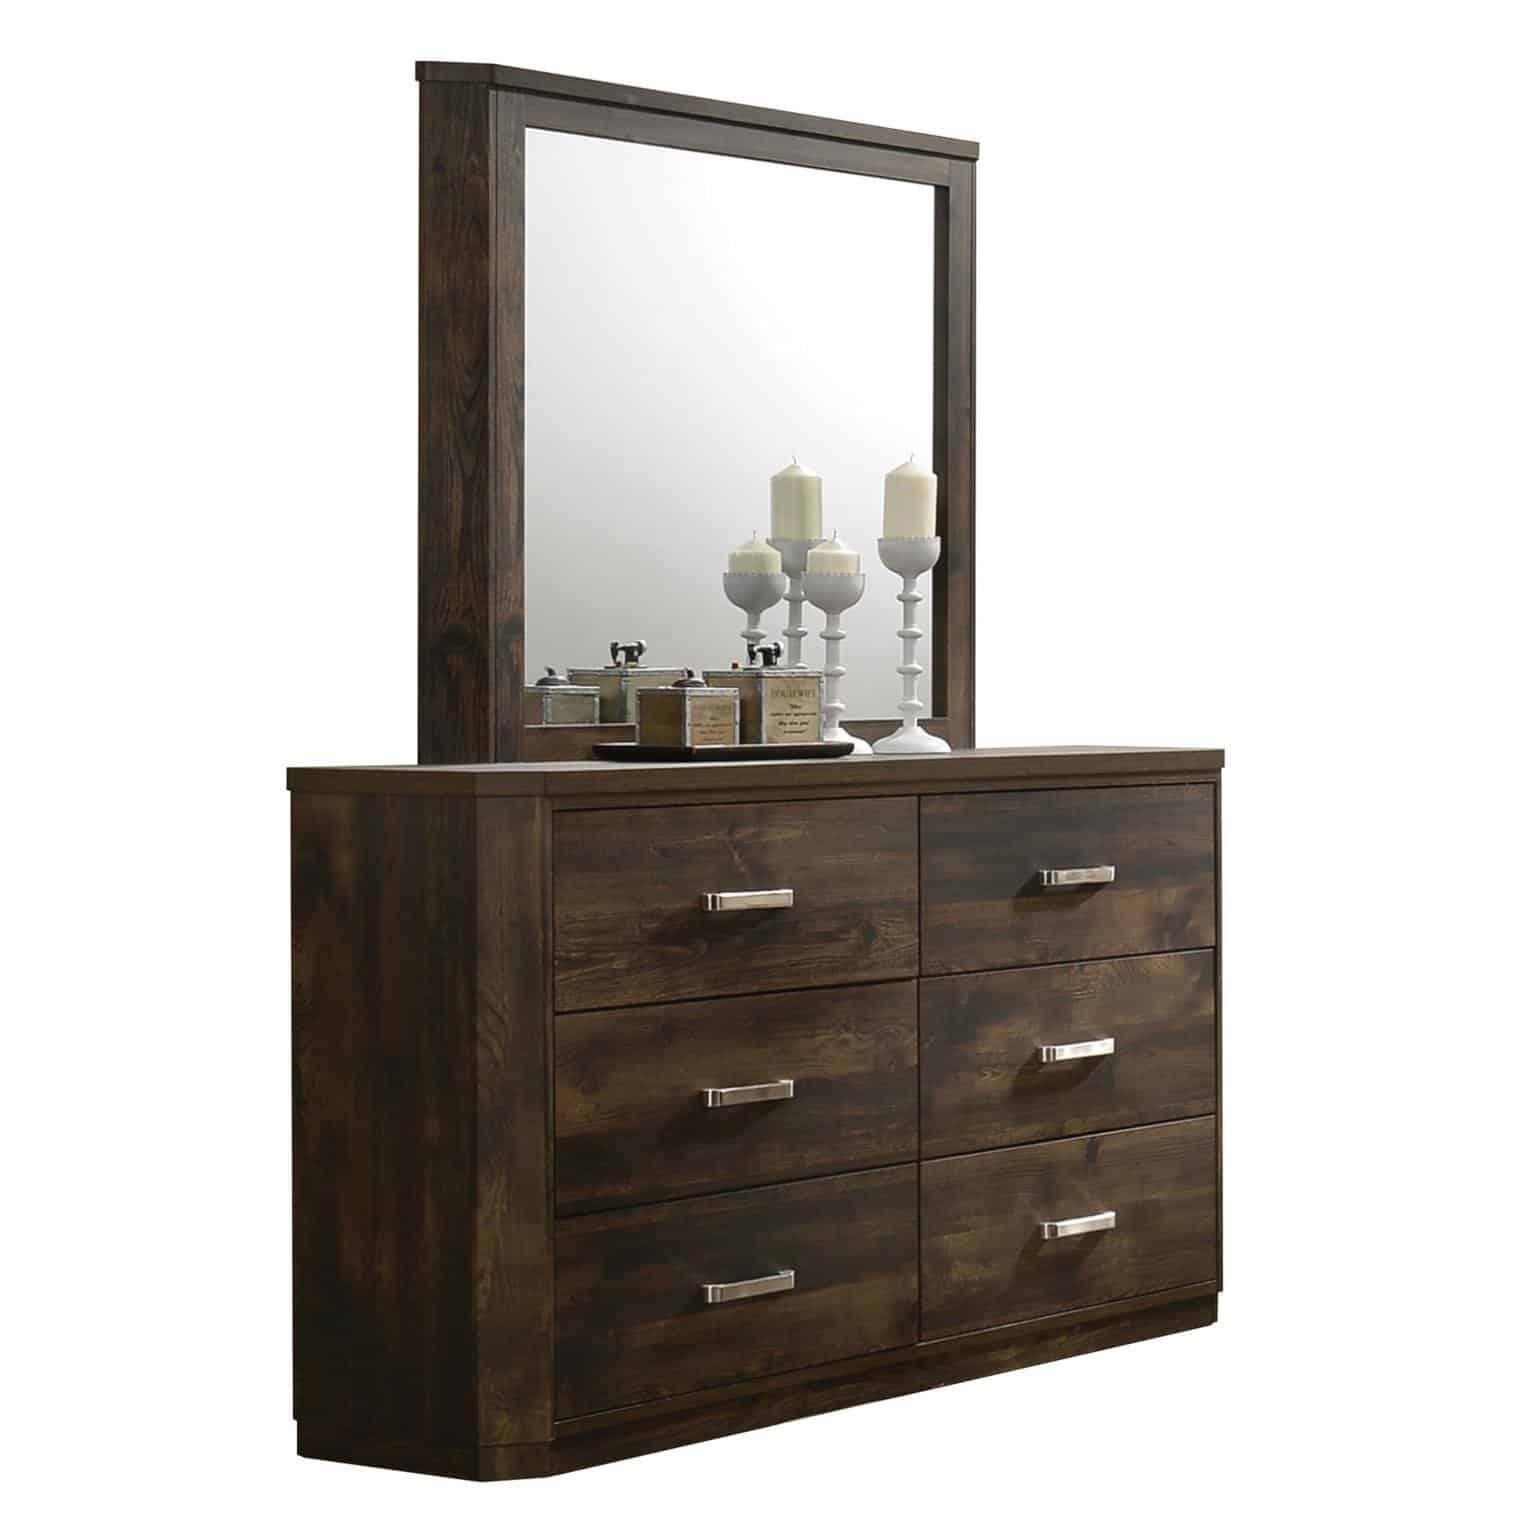 24854+24855_AV_A elletra dresser mirror